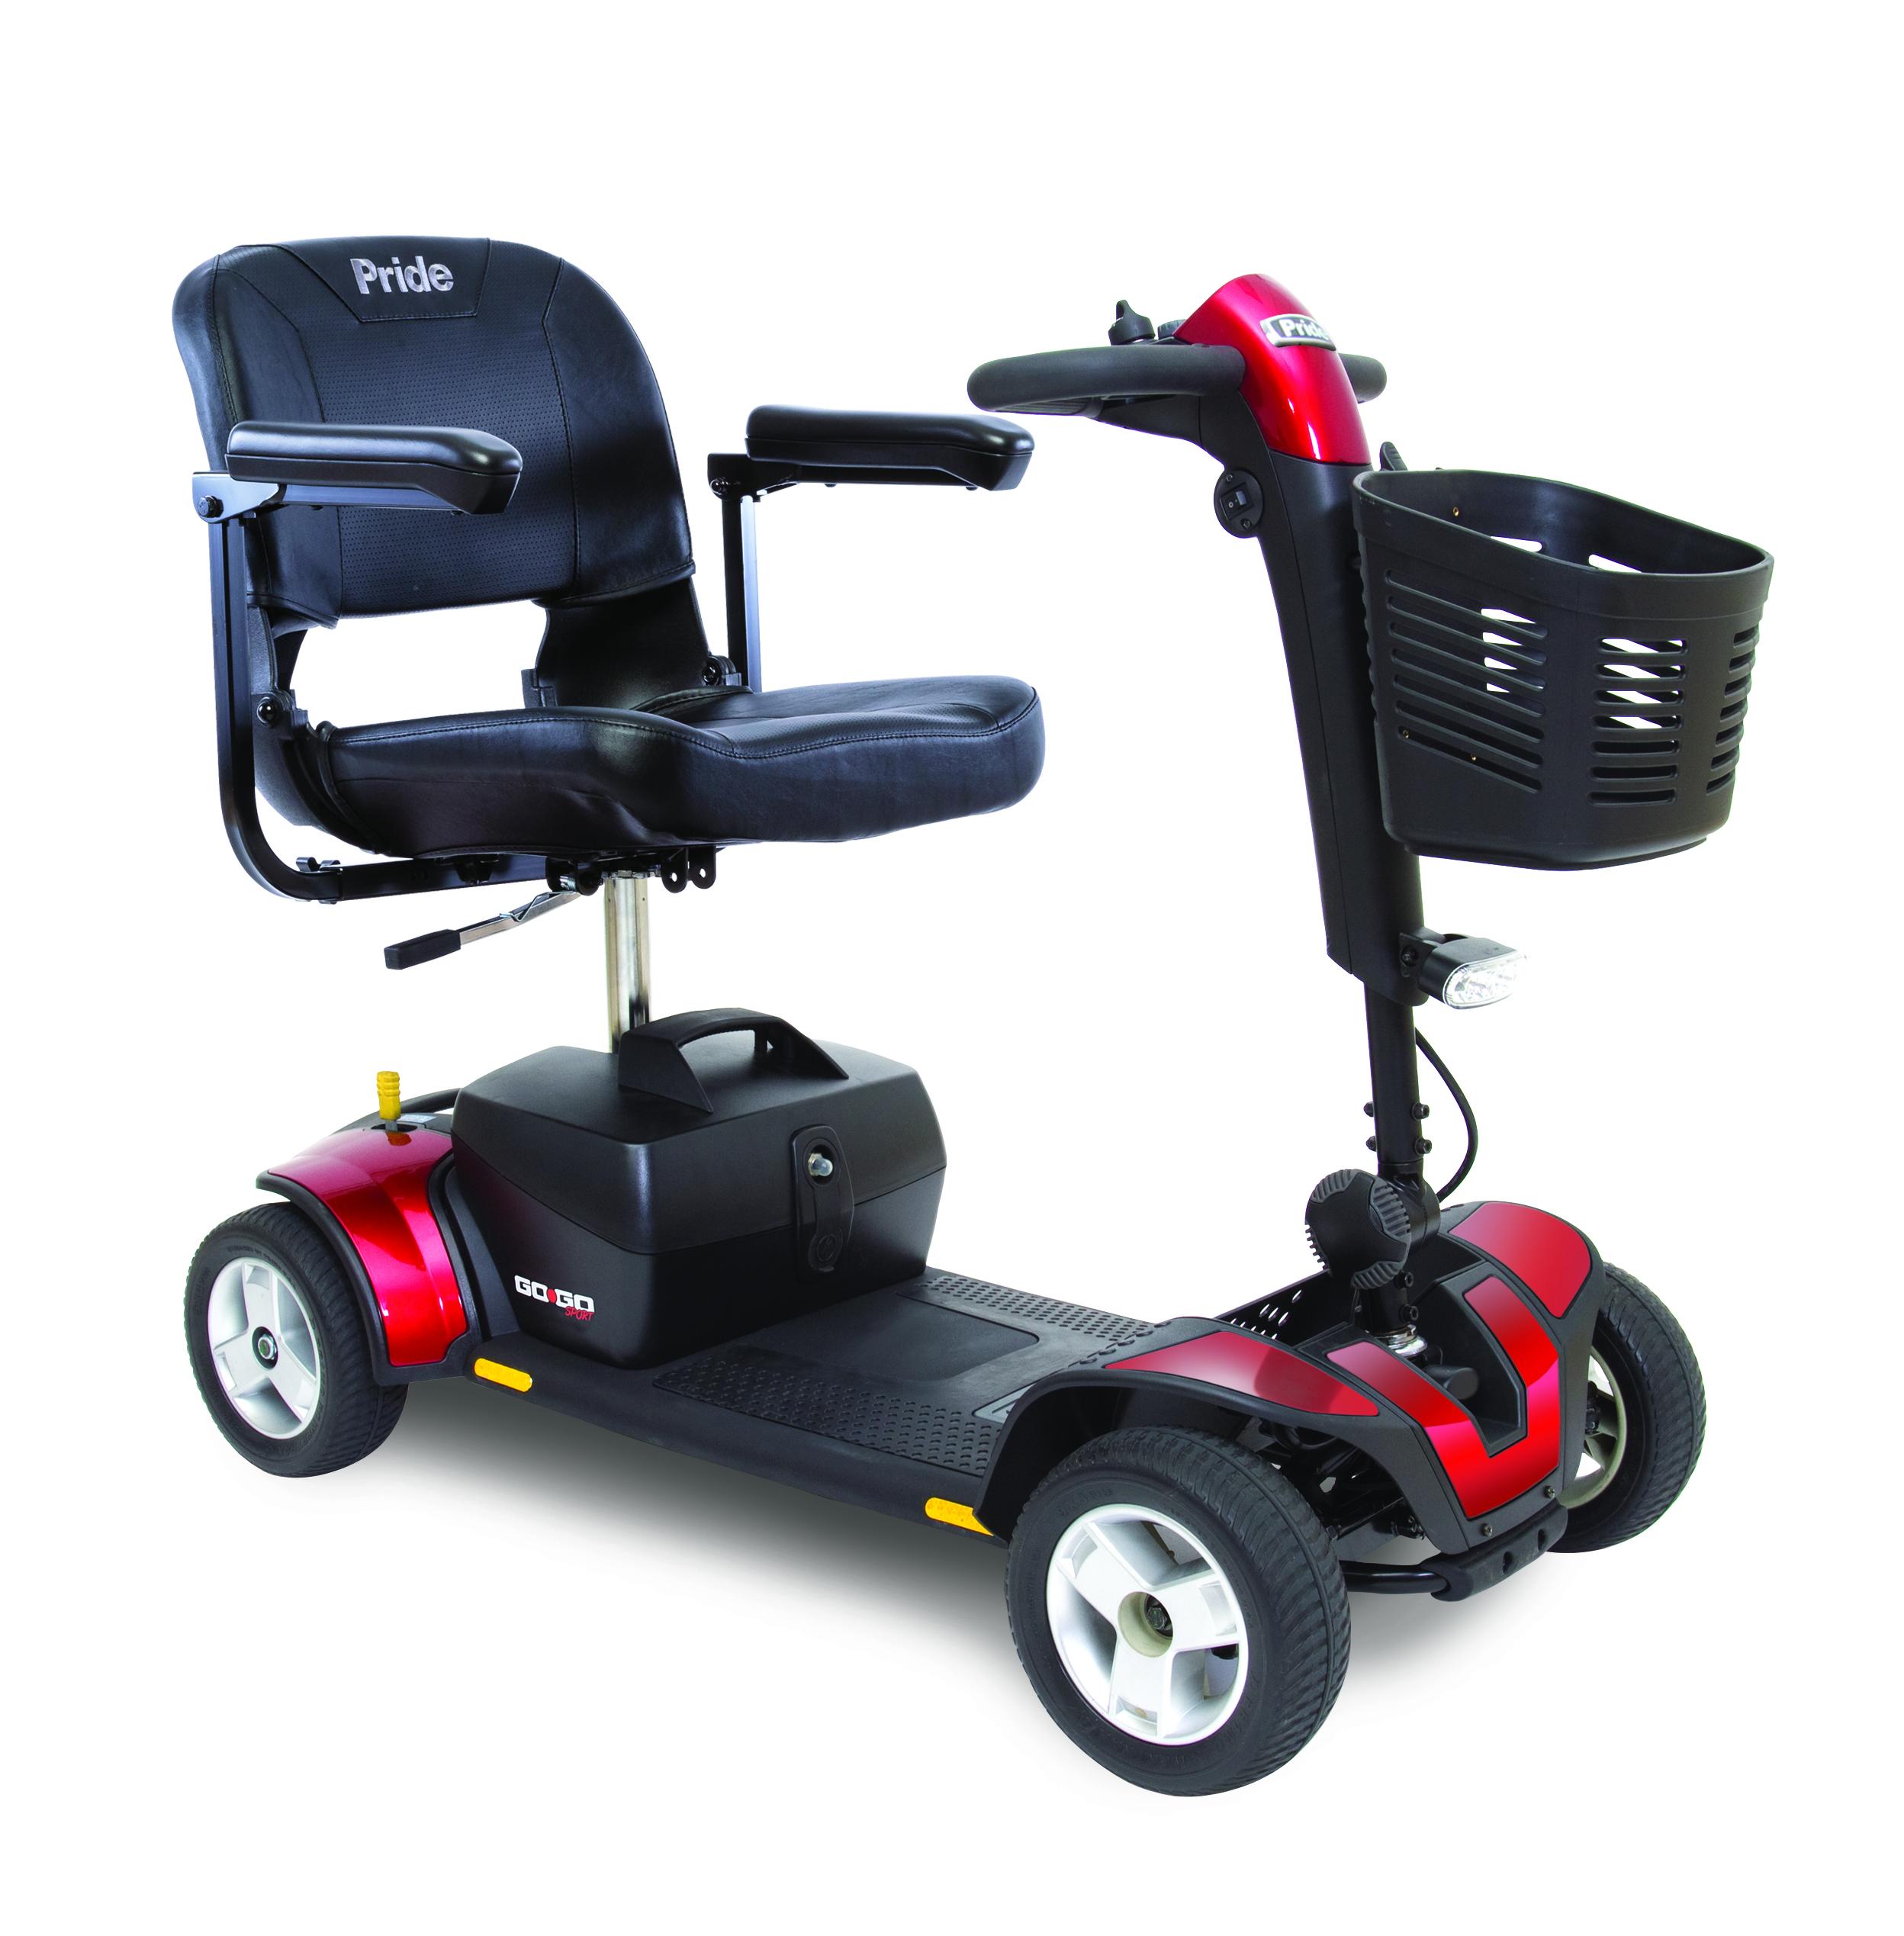 4-Wheel Go-Go Sport